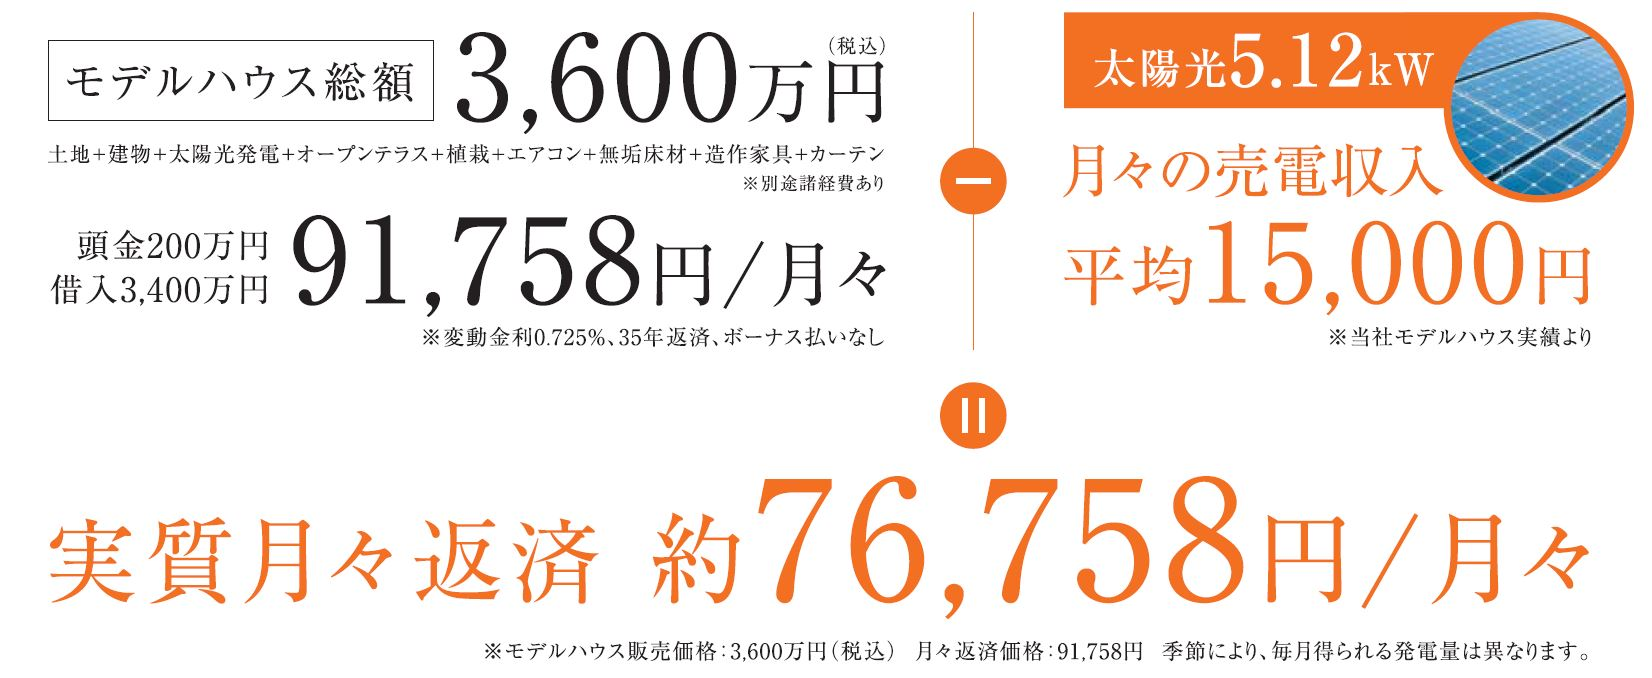 【新潟市西区】亀貝モデルハウス展示販売会